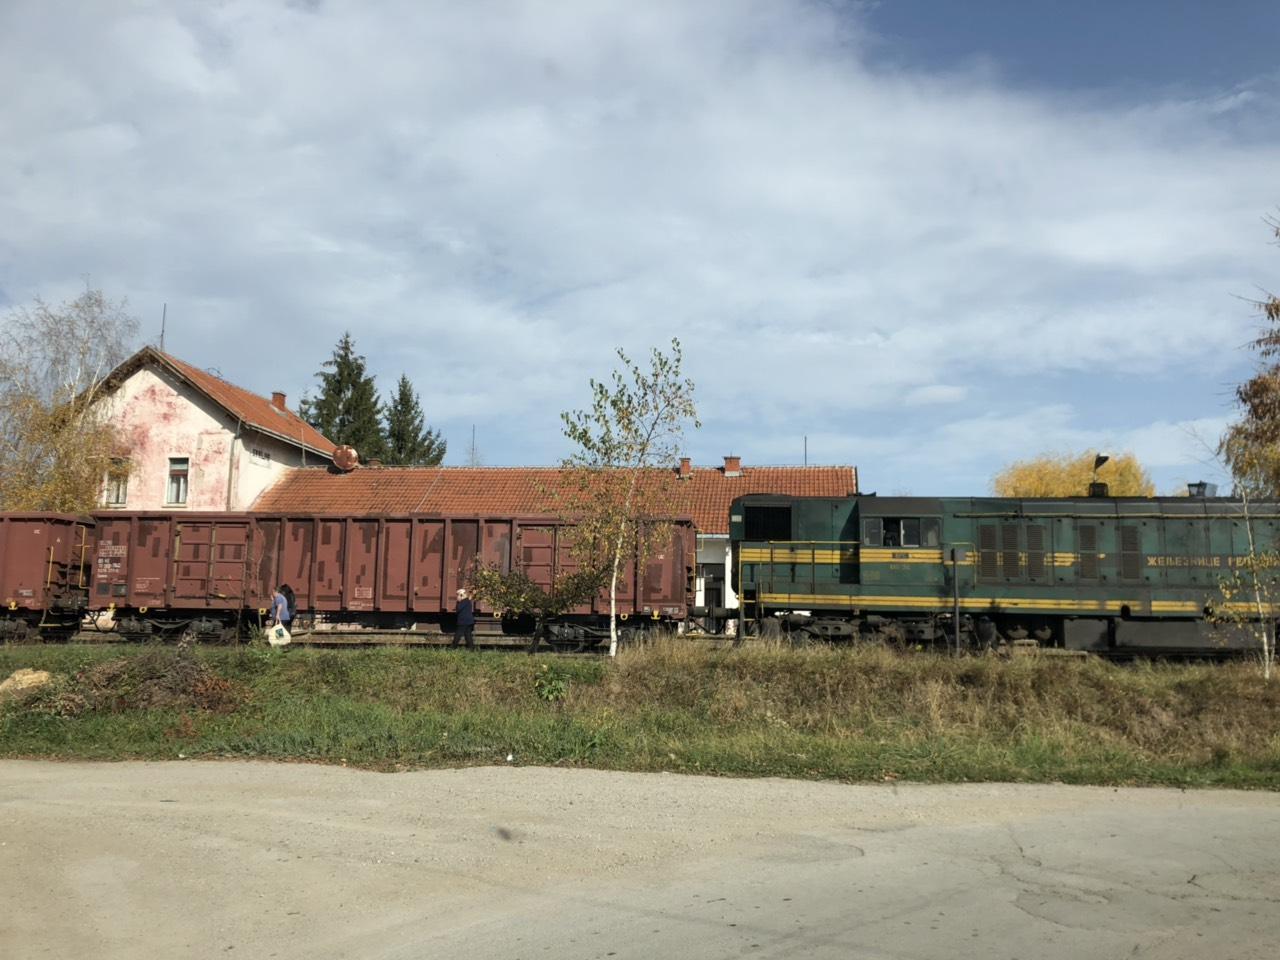 Voz, železnički saobraćaj, foto: Marko Miladinović, Knjaževačke novine